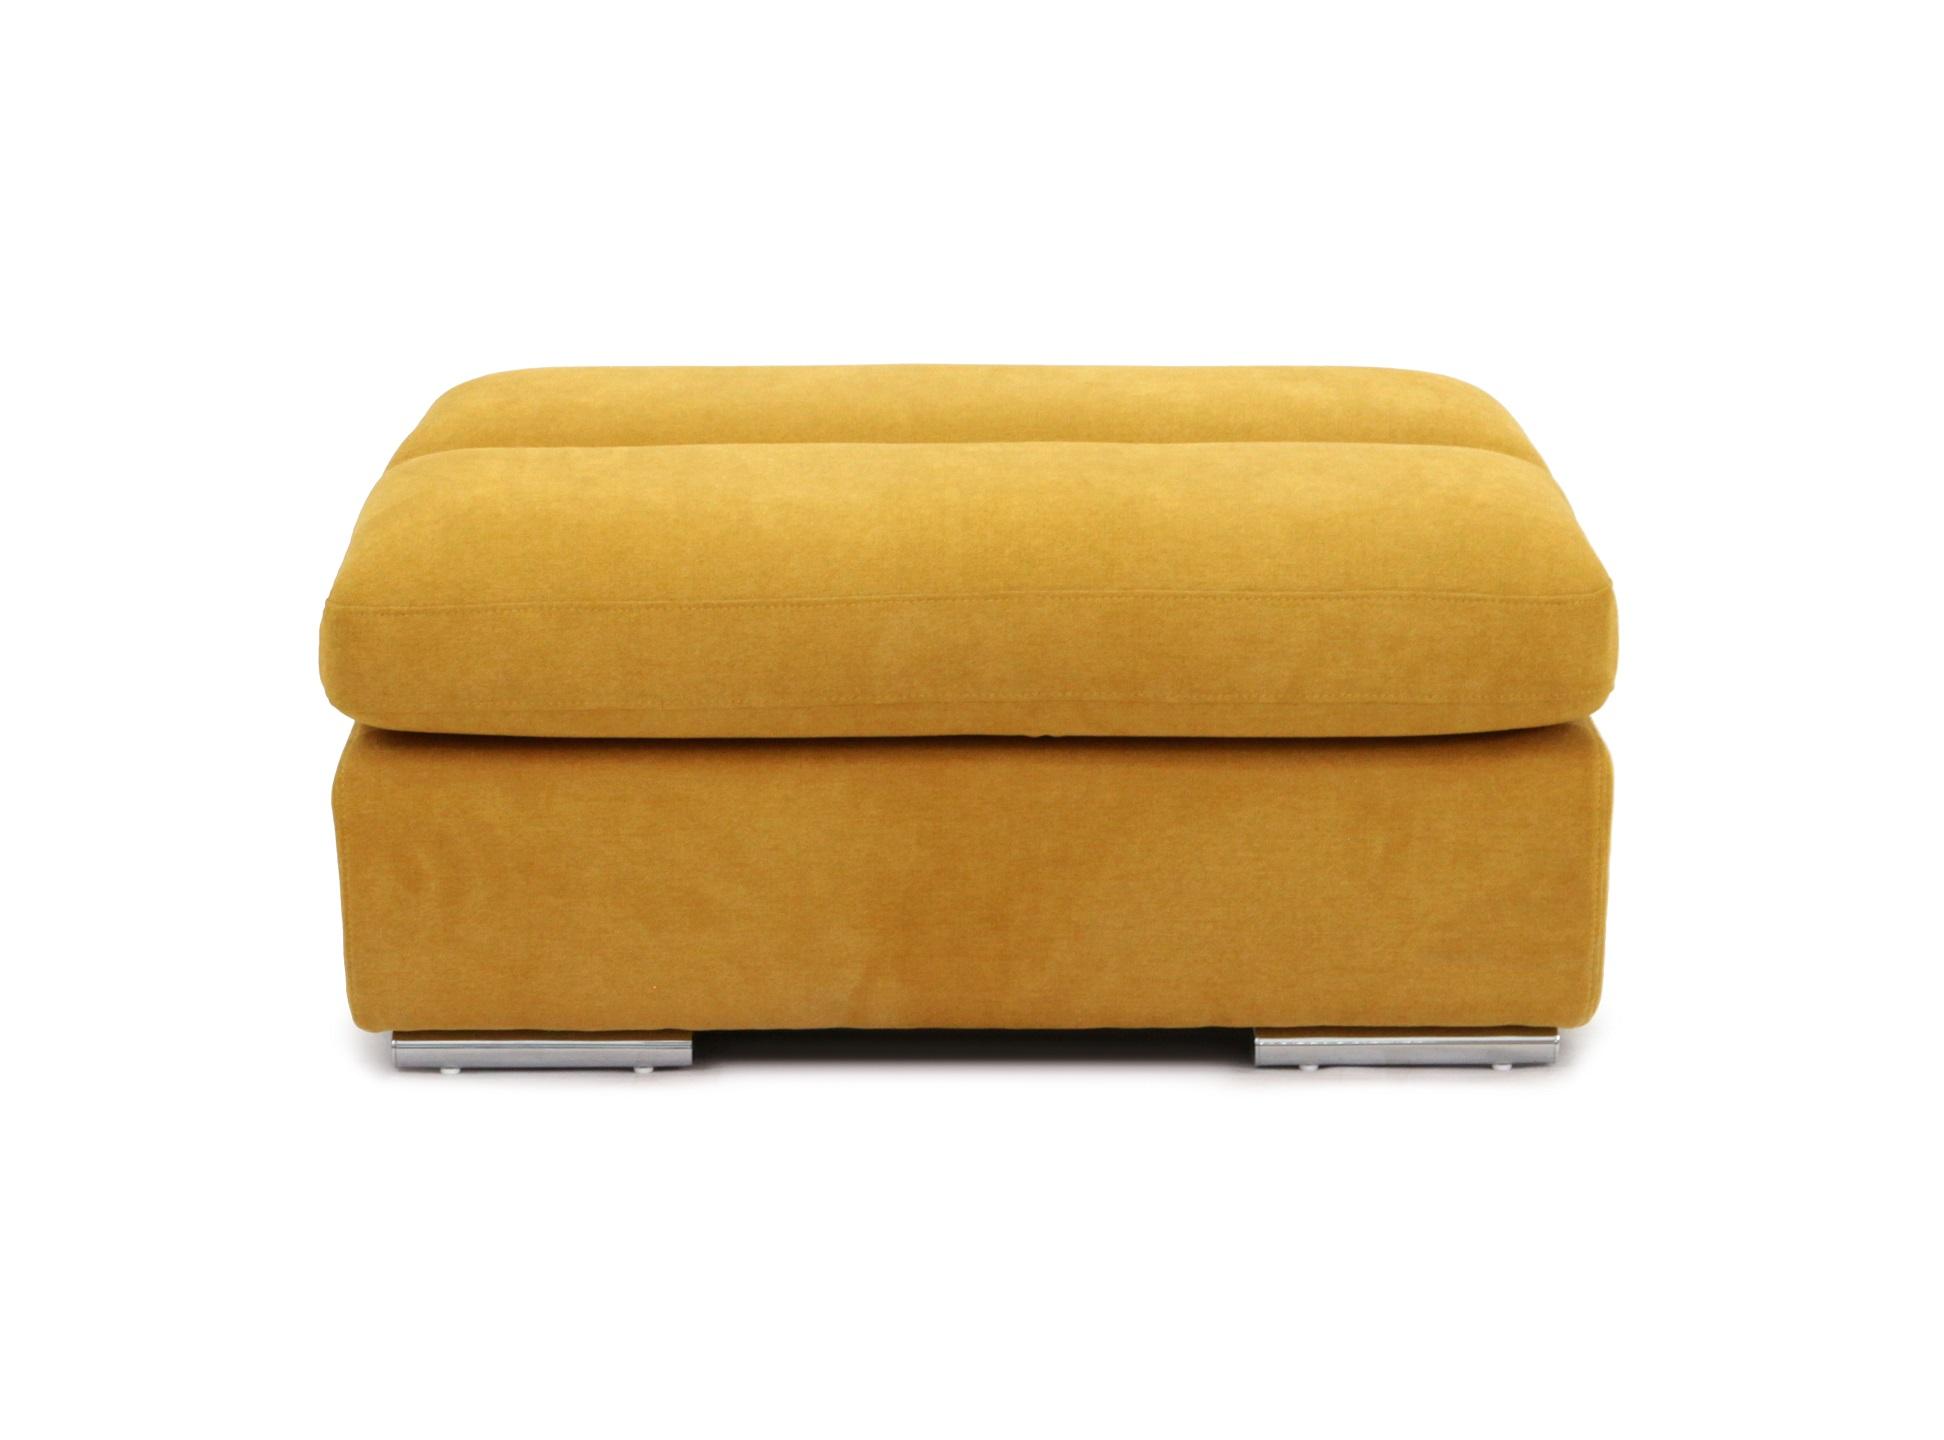 Пуф ПалермоФорменные пуфы<br>Модульный диван &amp;quot;Палермо&amp;quot; - это лучшее решение для тех, кто привык к максимальному комфорт и не готов идти на компромисс с другими вариантами. Уникальный состав наполнителя его сидений заставит Вас по новому пересмотреть значение слова &amp;quot;удобный&amp;quot;, а кажущаяся простота форм и варианты модулей помогут создать то жизненное пространство, которое подходит именно Вам!&amp;amp;nbsp;&amp;lt;div&amp;gt;Большой выбор обивочных тканей (подробности уточняйте у менеджера)&amp;lt;/div&amp;gt;<br><br>Material: Текстиль<br>Ширина см: 90<br>Высота см: 45<br>Глубина см: 70